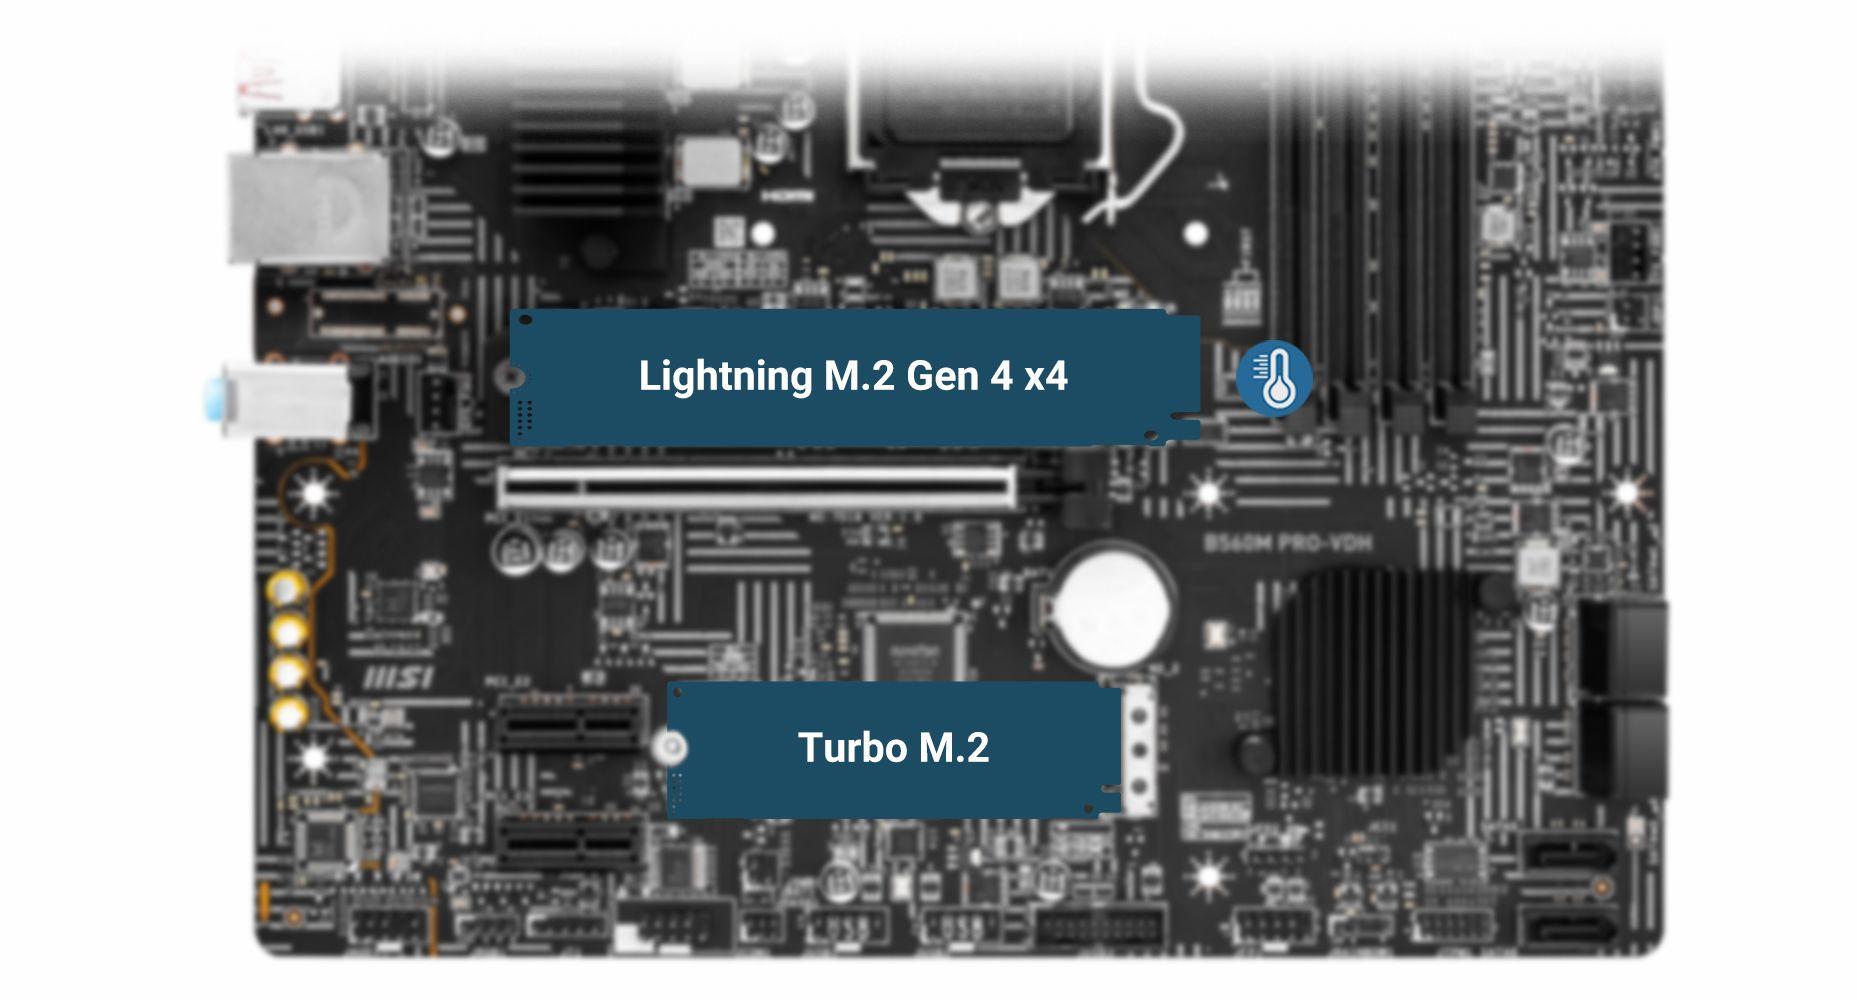 MSI B560M PRO-VDH LIGHTNING GEN 4 M.2 WITH M.2 SHIELD FROZR